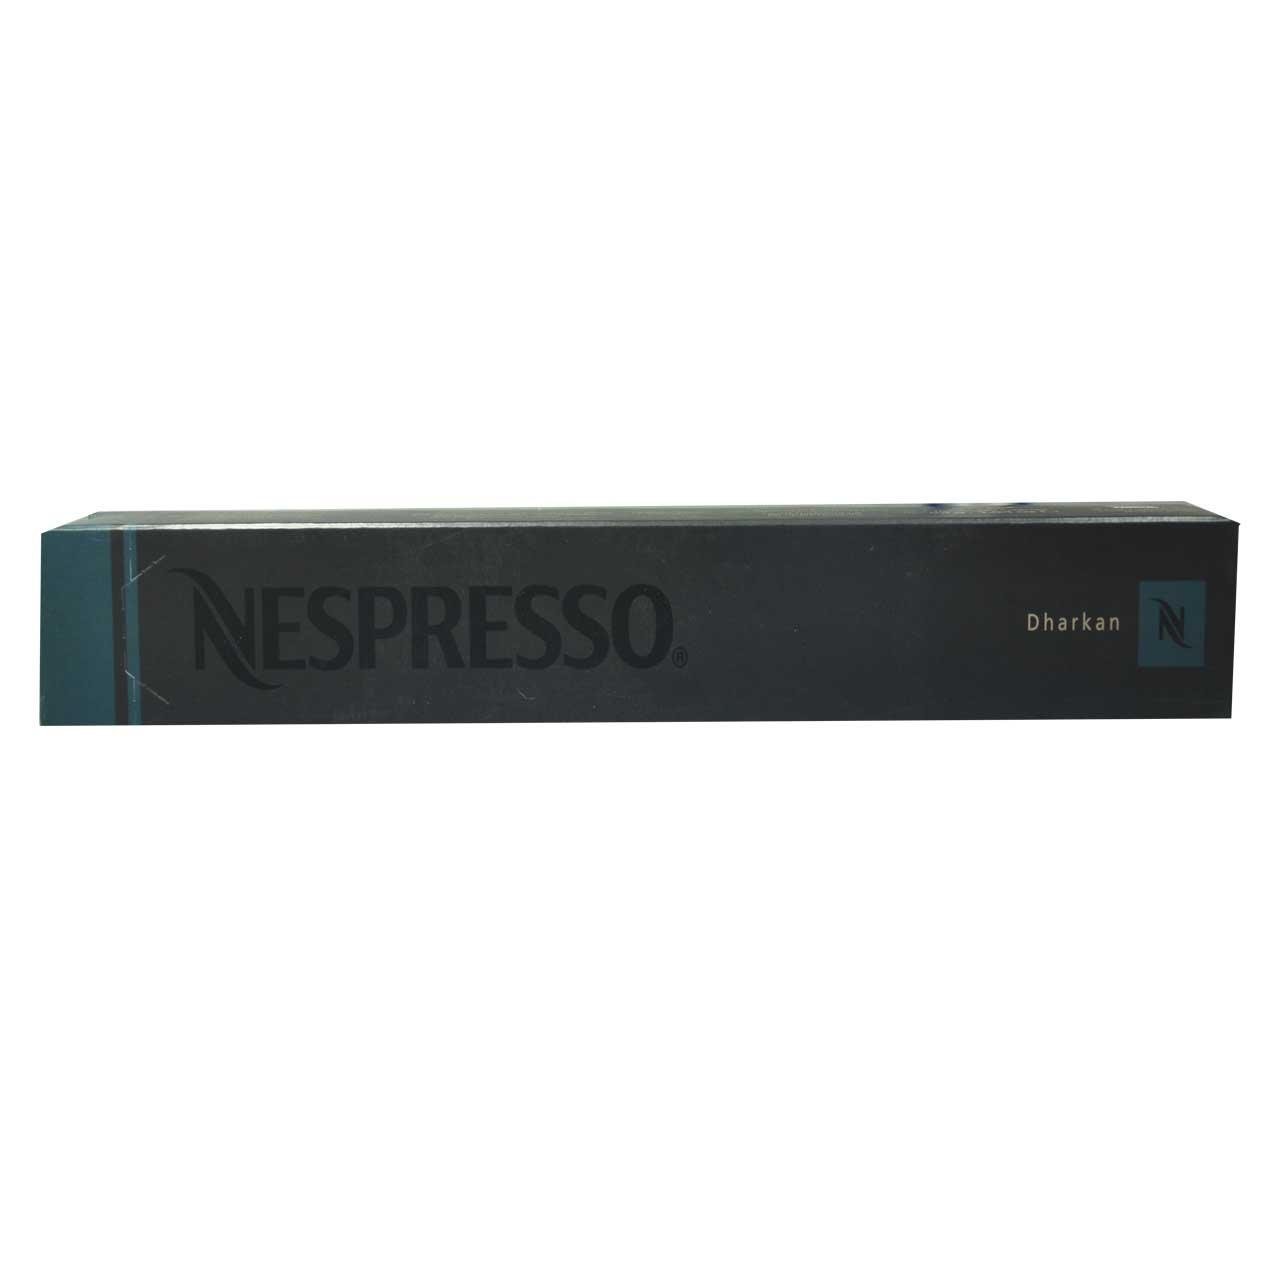 کپسول قهوه نسپرسو ۱۰ عددی Dharkan